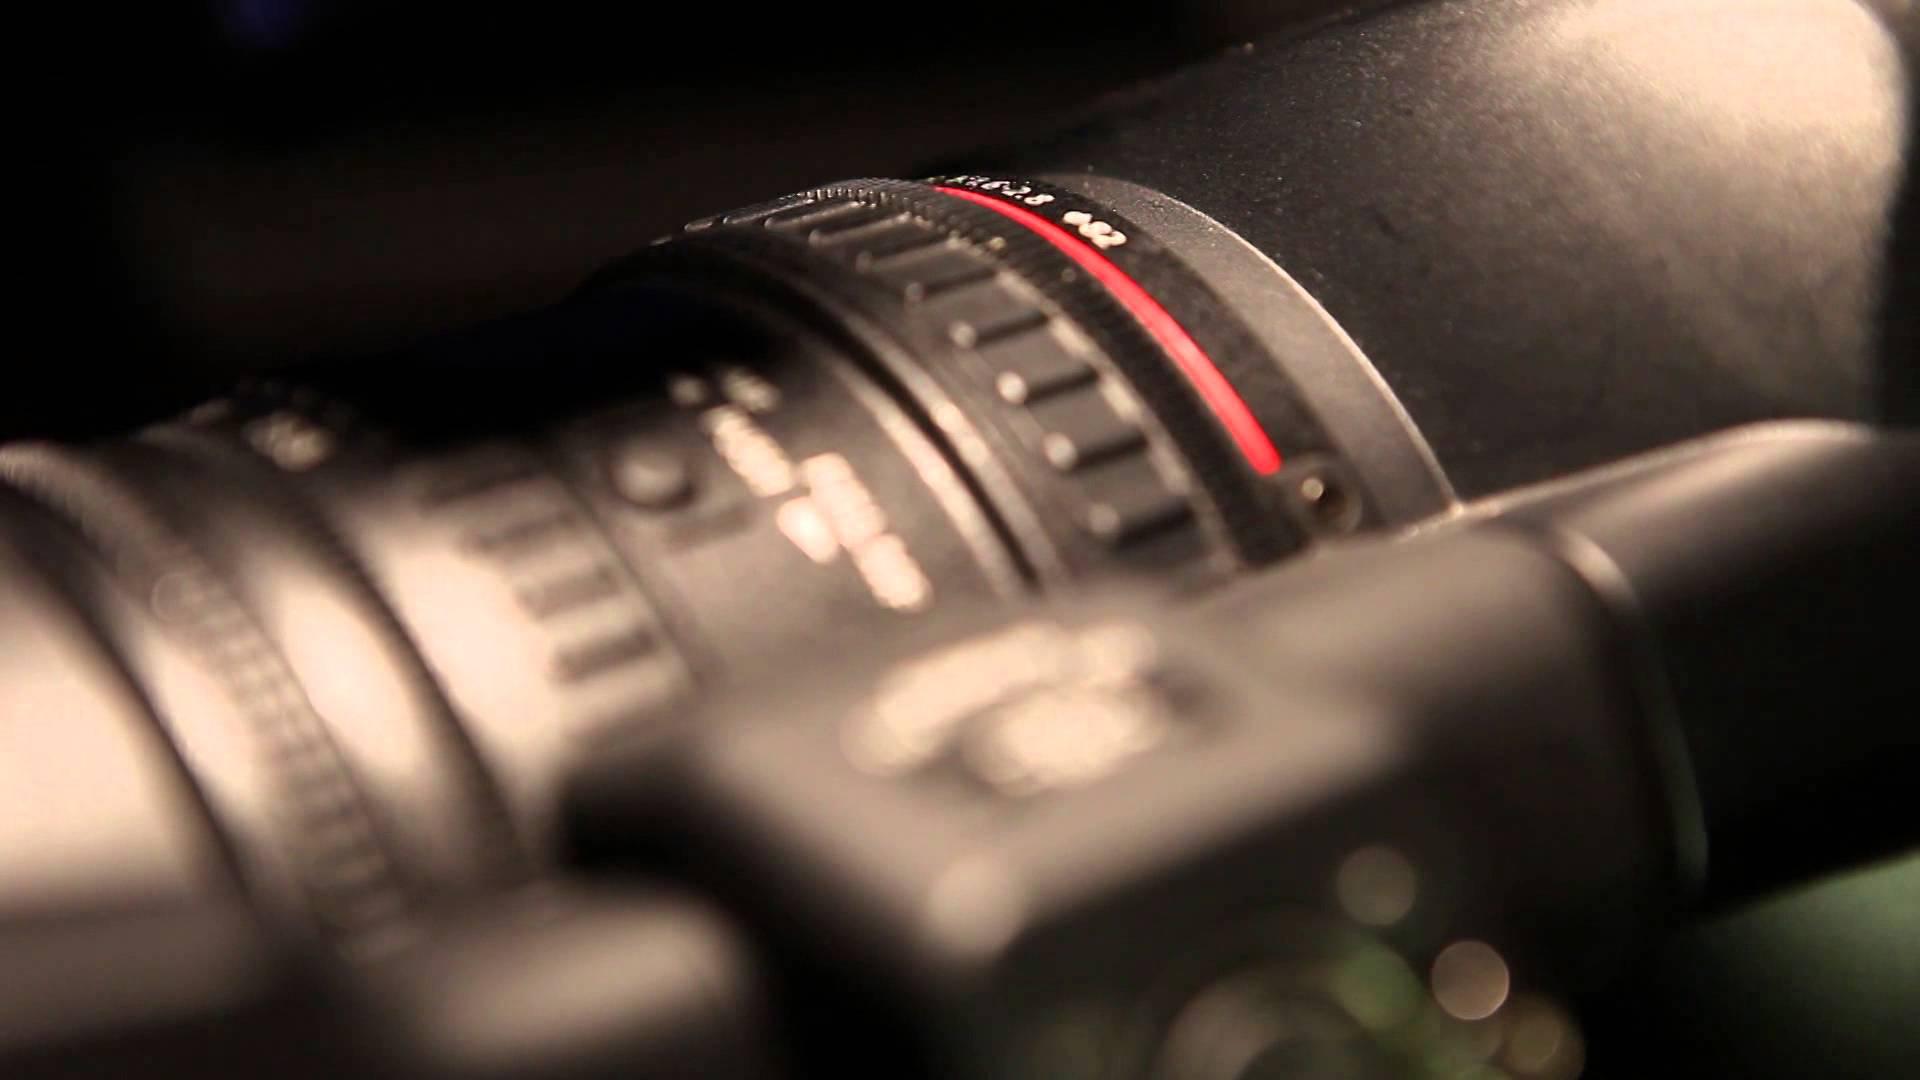 Ecole audiovisuel : optez pour des études artistiques et originales